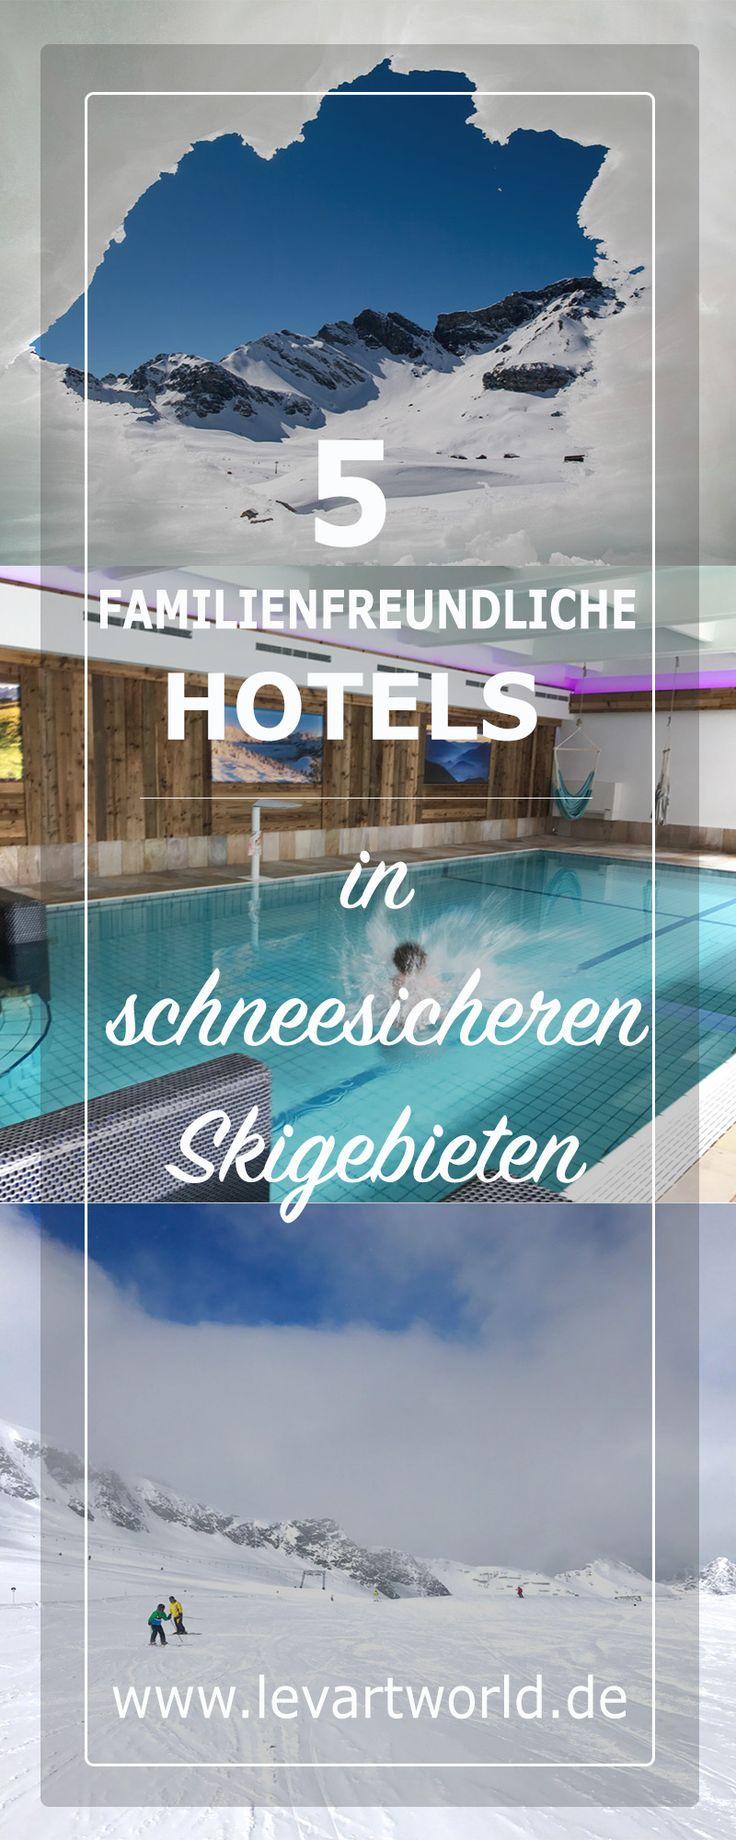 5 schneesichere Skigebiete und familienfreundliche Hotels im Dezember und Januar Wer kennt das auch? Die Skisaison steht vor der Tür und man googelt sich die Finger wund auf der Suche nach einem familienfreundlichen Hotel an der Piste mit Schneegarantie? So ein Skiurlaub ist nicht günstig. Es ist schon sehr ärgerlich Tausende Euro für ein hübsches Hotel in den Bergen zu bezahlen und dann liegt da kein Schnee.